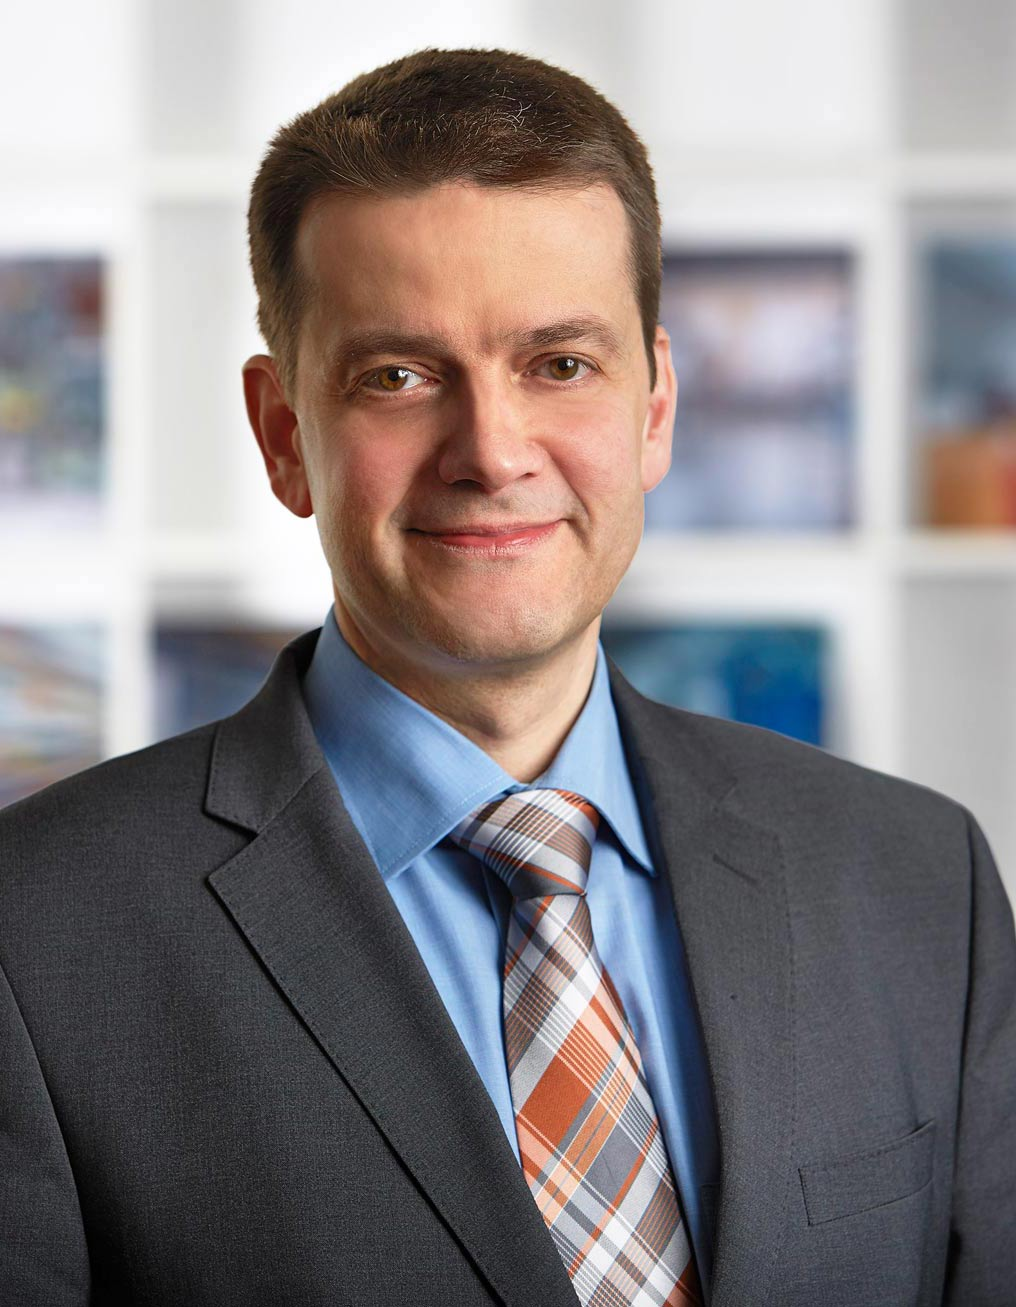 Rechtsanwalt Für Insolvenzrecht Düsseldorf Bongartz